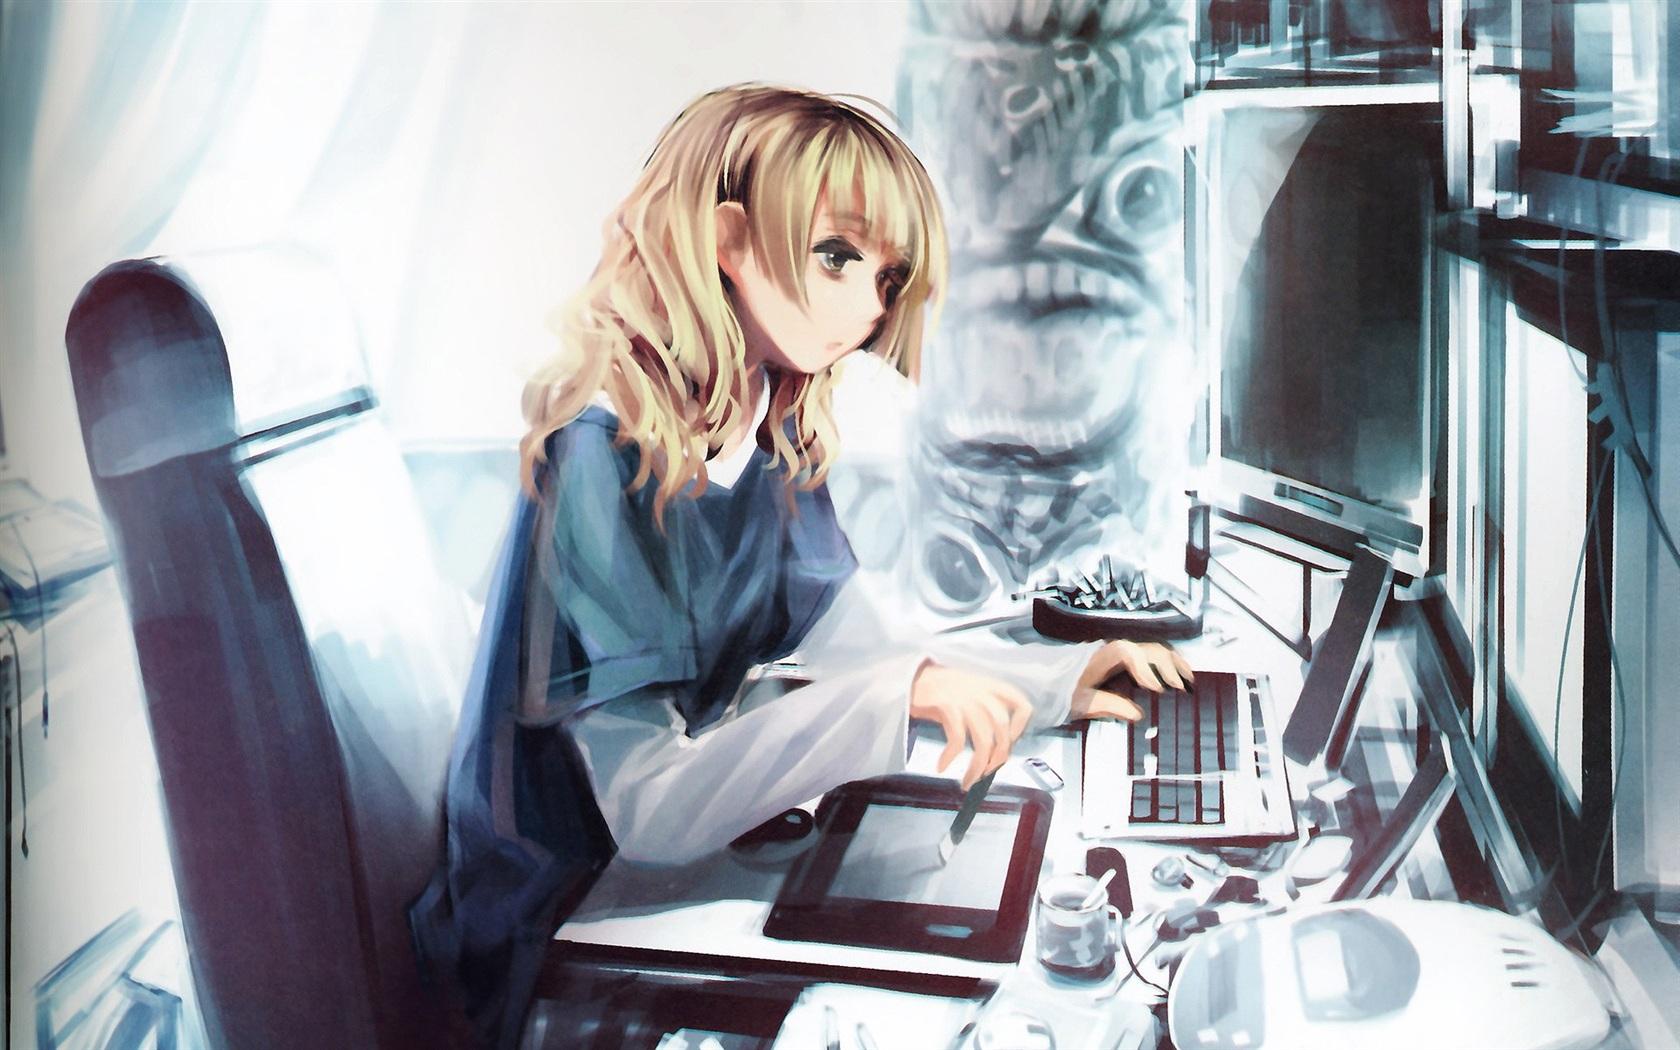 Anime Mädchen Mit Computer 1920x1200 HD Hintergrundbilder